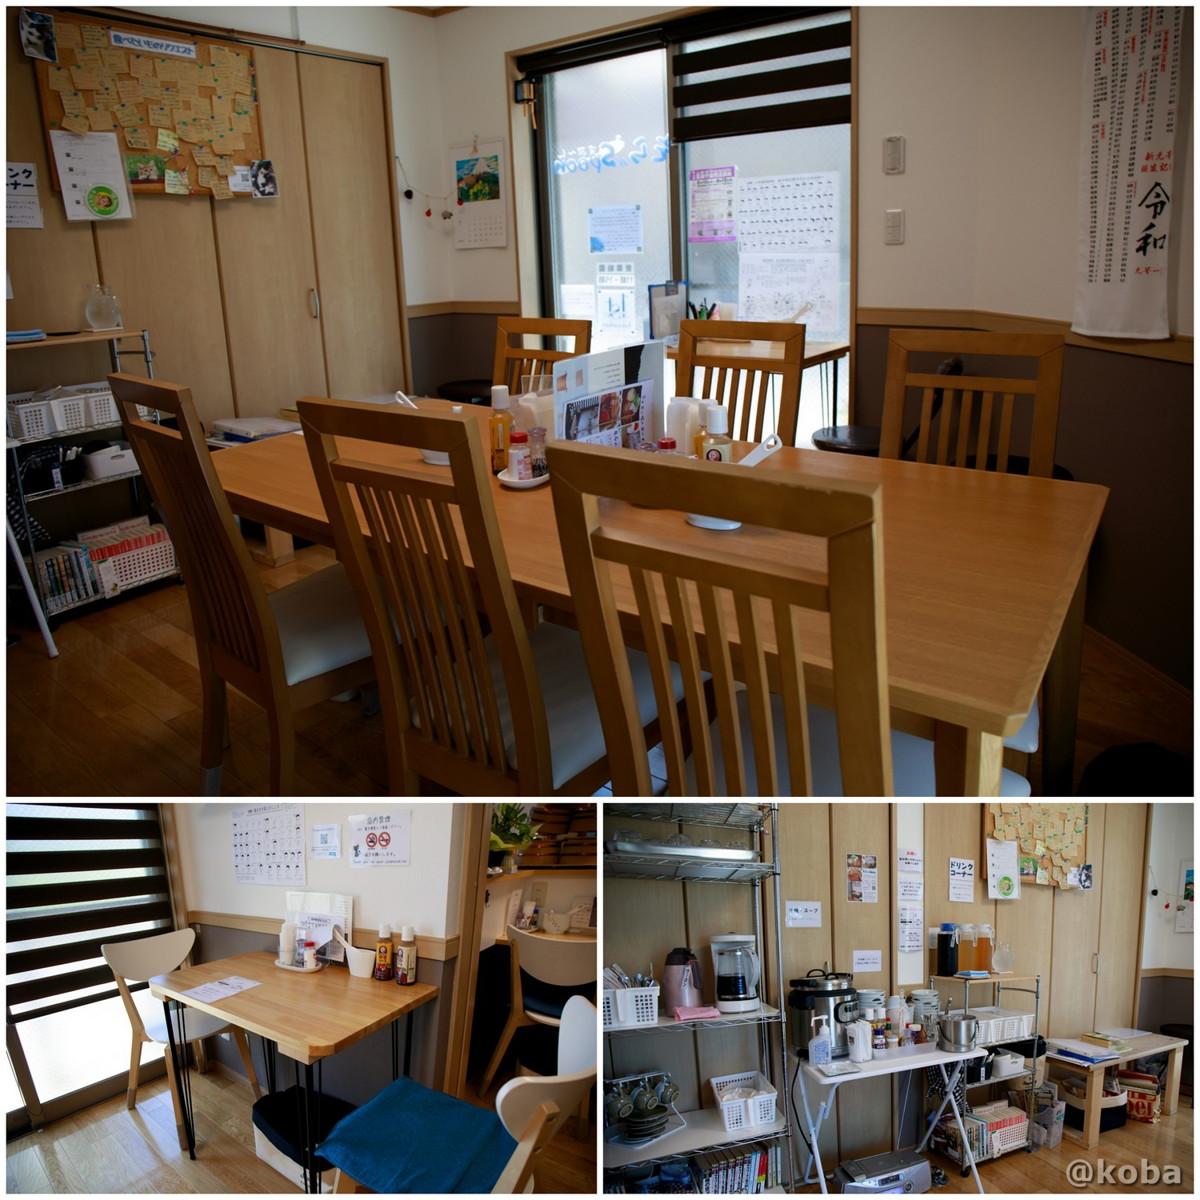 内観 テーブル席の写真|そらのすぷーん 定食屋|東京都葛飾区・奥戸